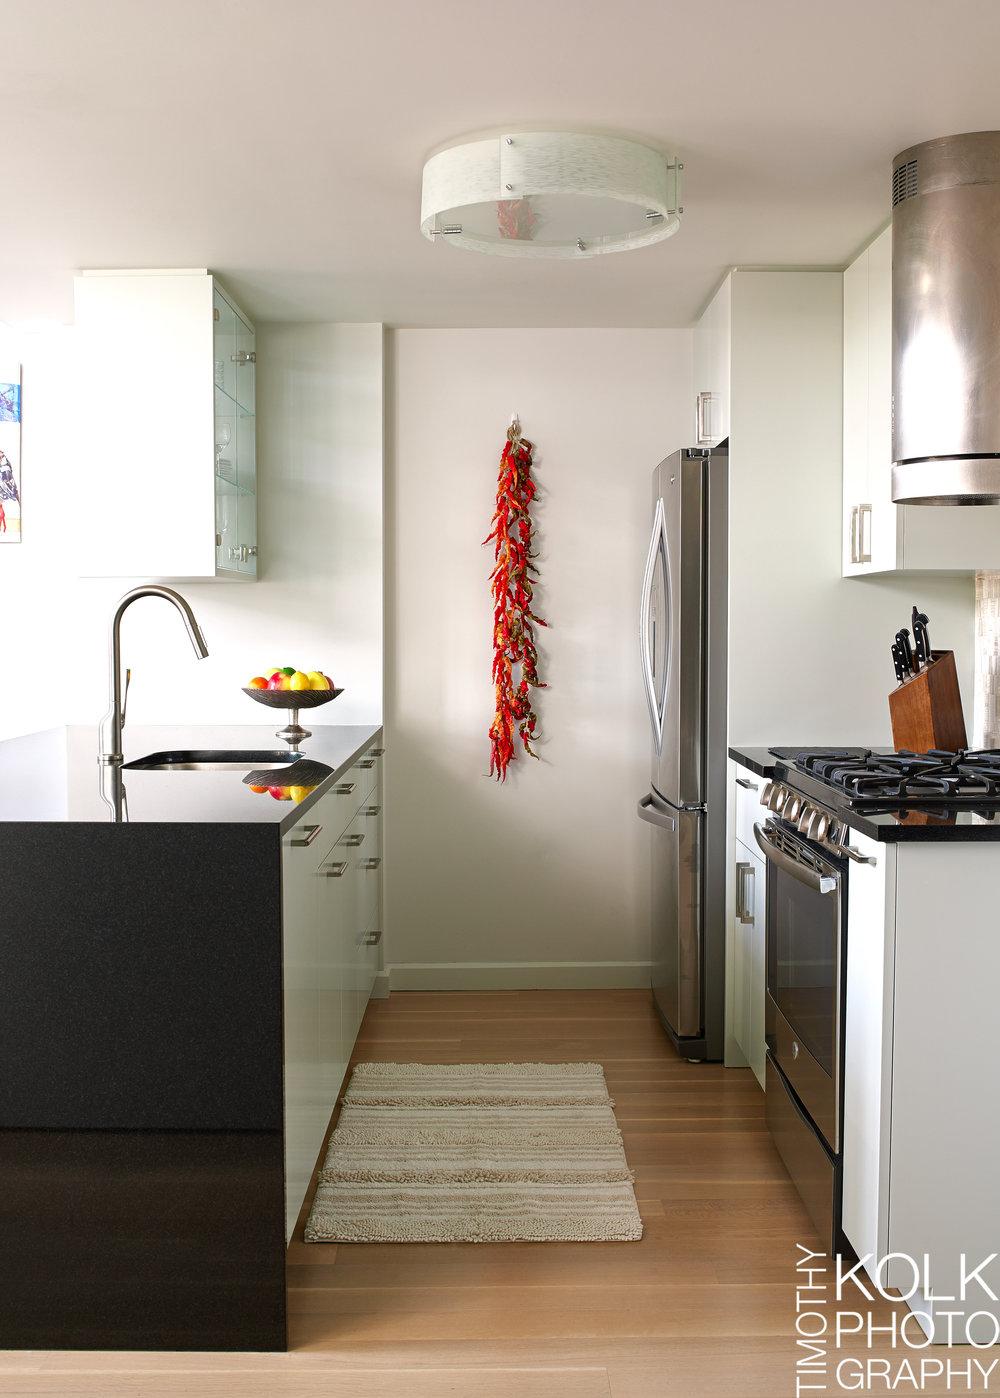 villier_kitchen.jpg